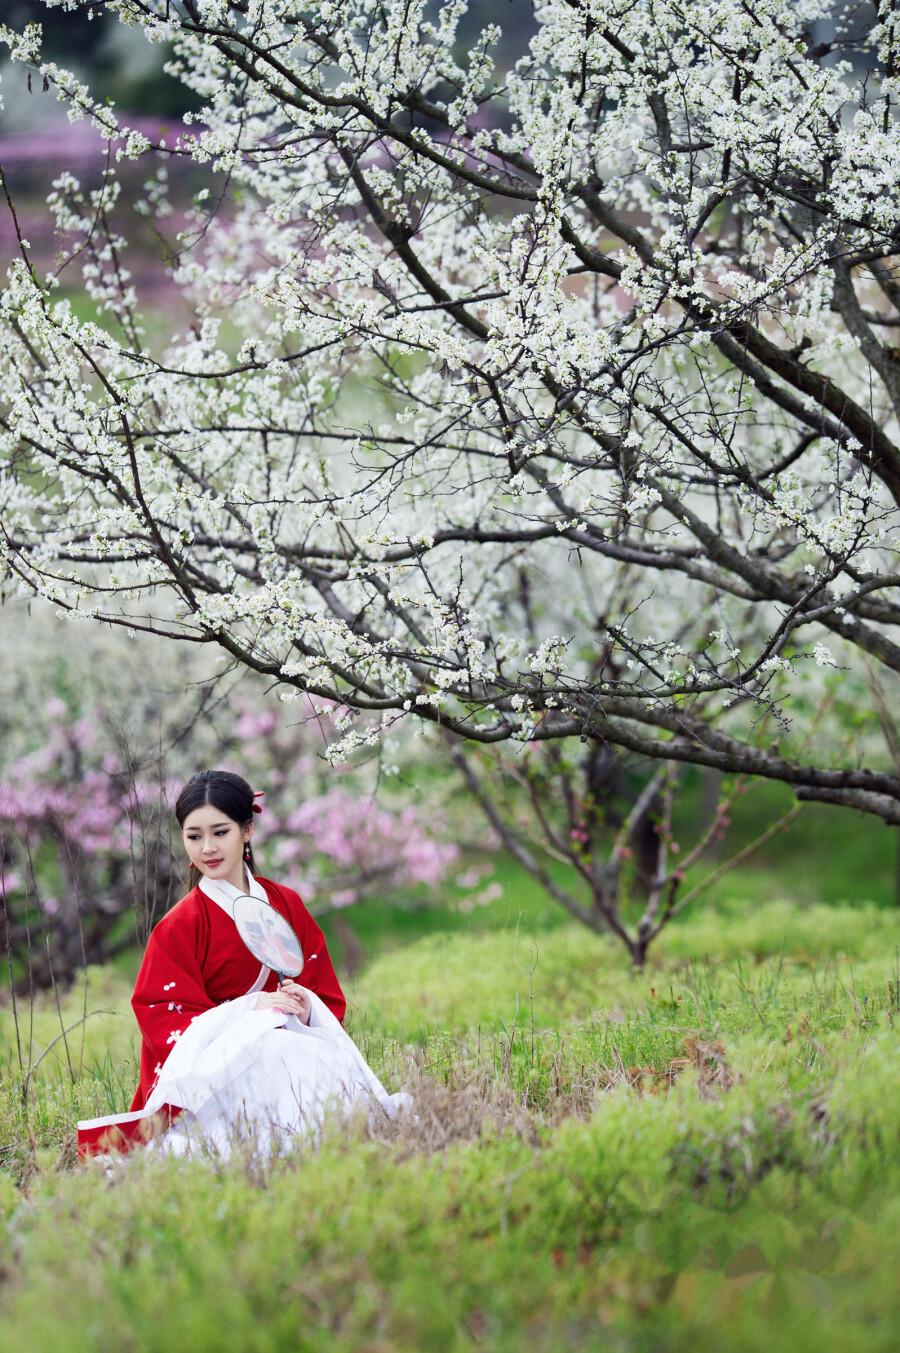 梨花情 - 春色满园 - 春色满园